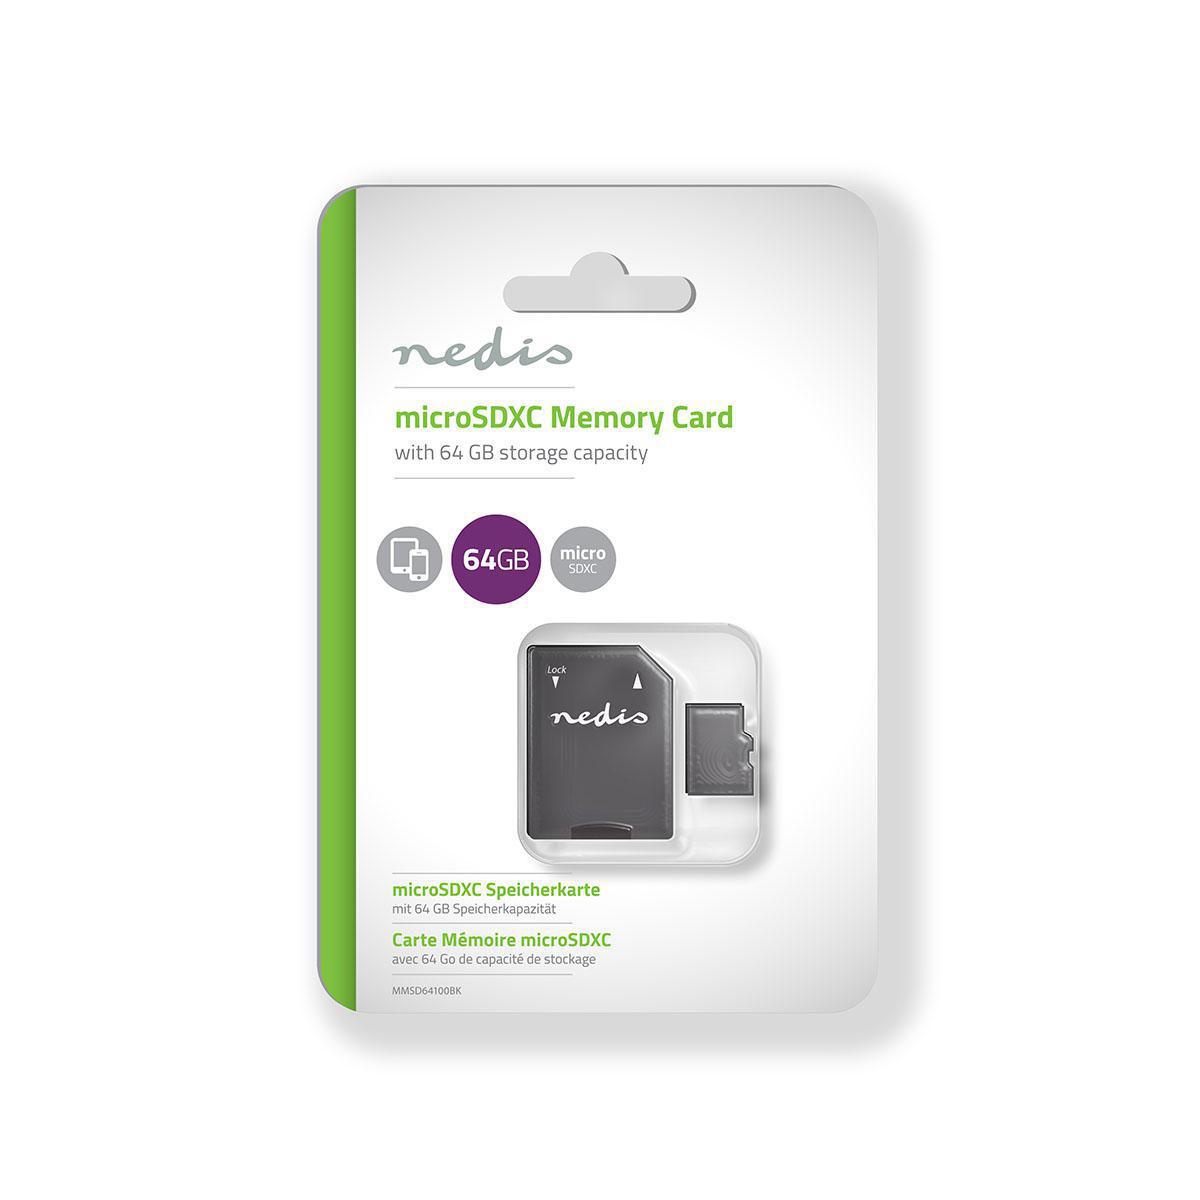 Minnekort microSDHC 64 GB 90 Mbps Klasse 10